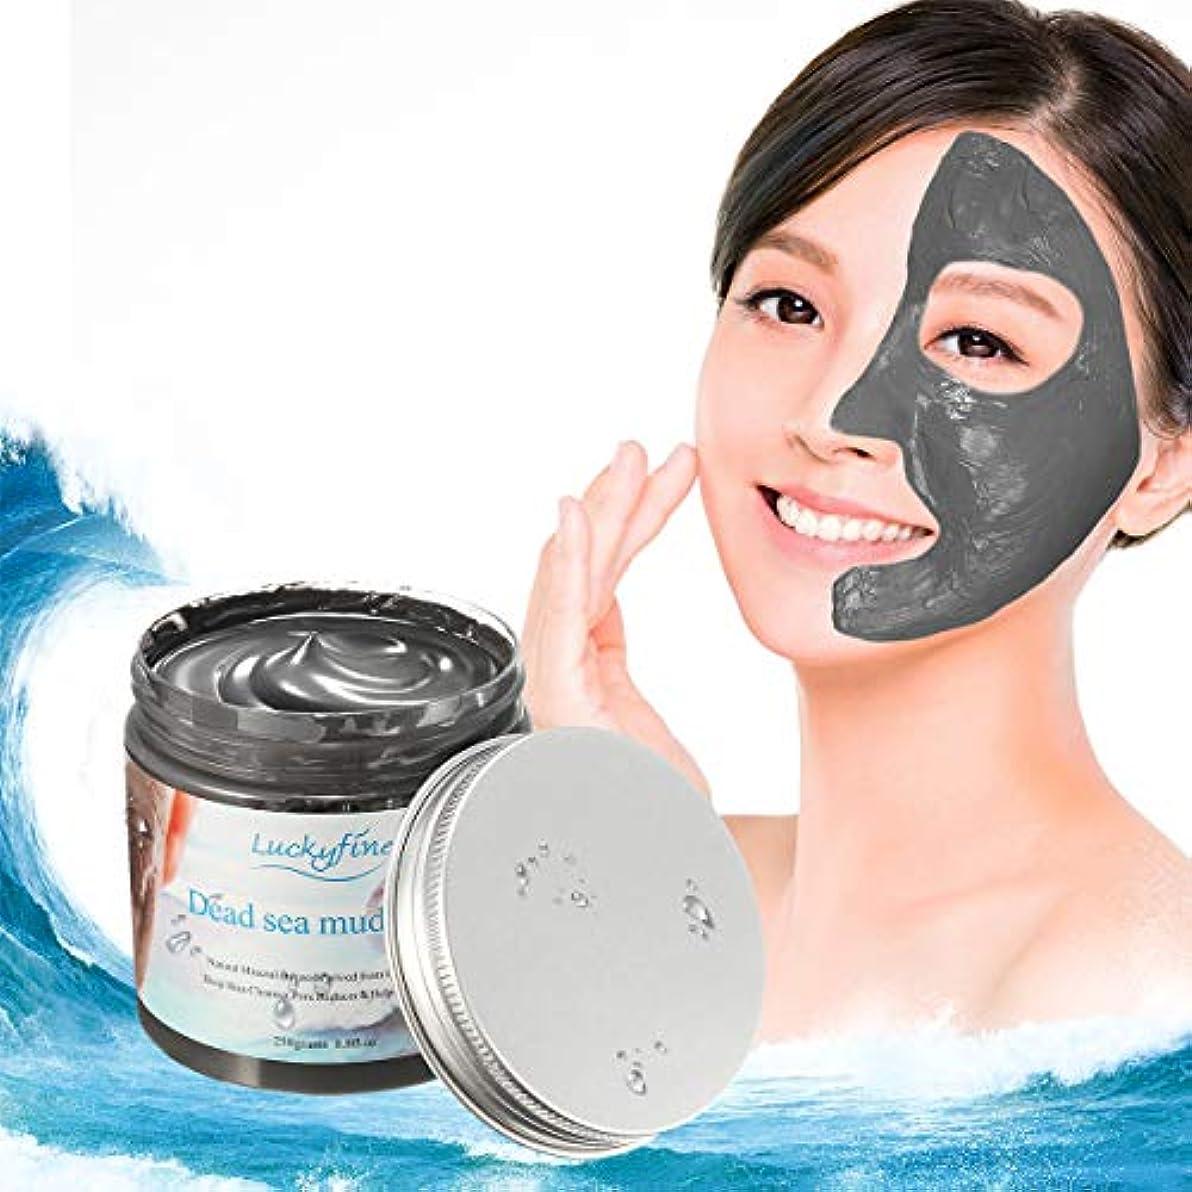 消去費やす先史時代の泥パック LuckyFine 泥マスク 死海 毛穴 角質 顔 保湿 シアバター お顔 全身 250g